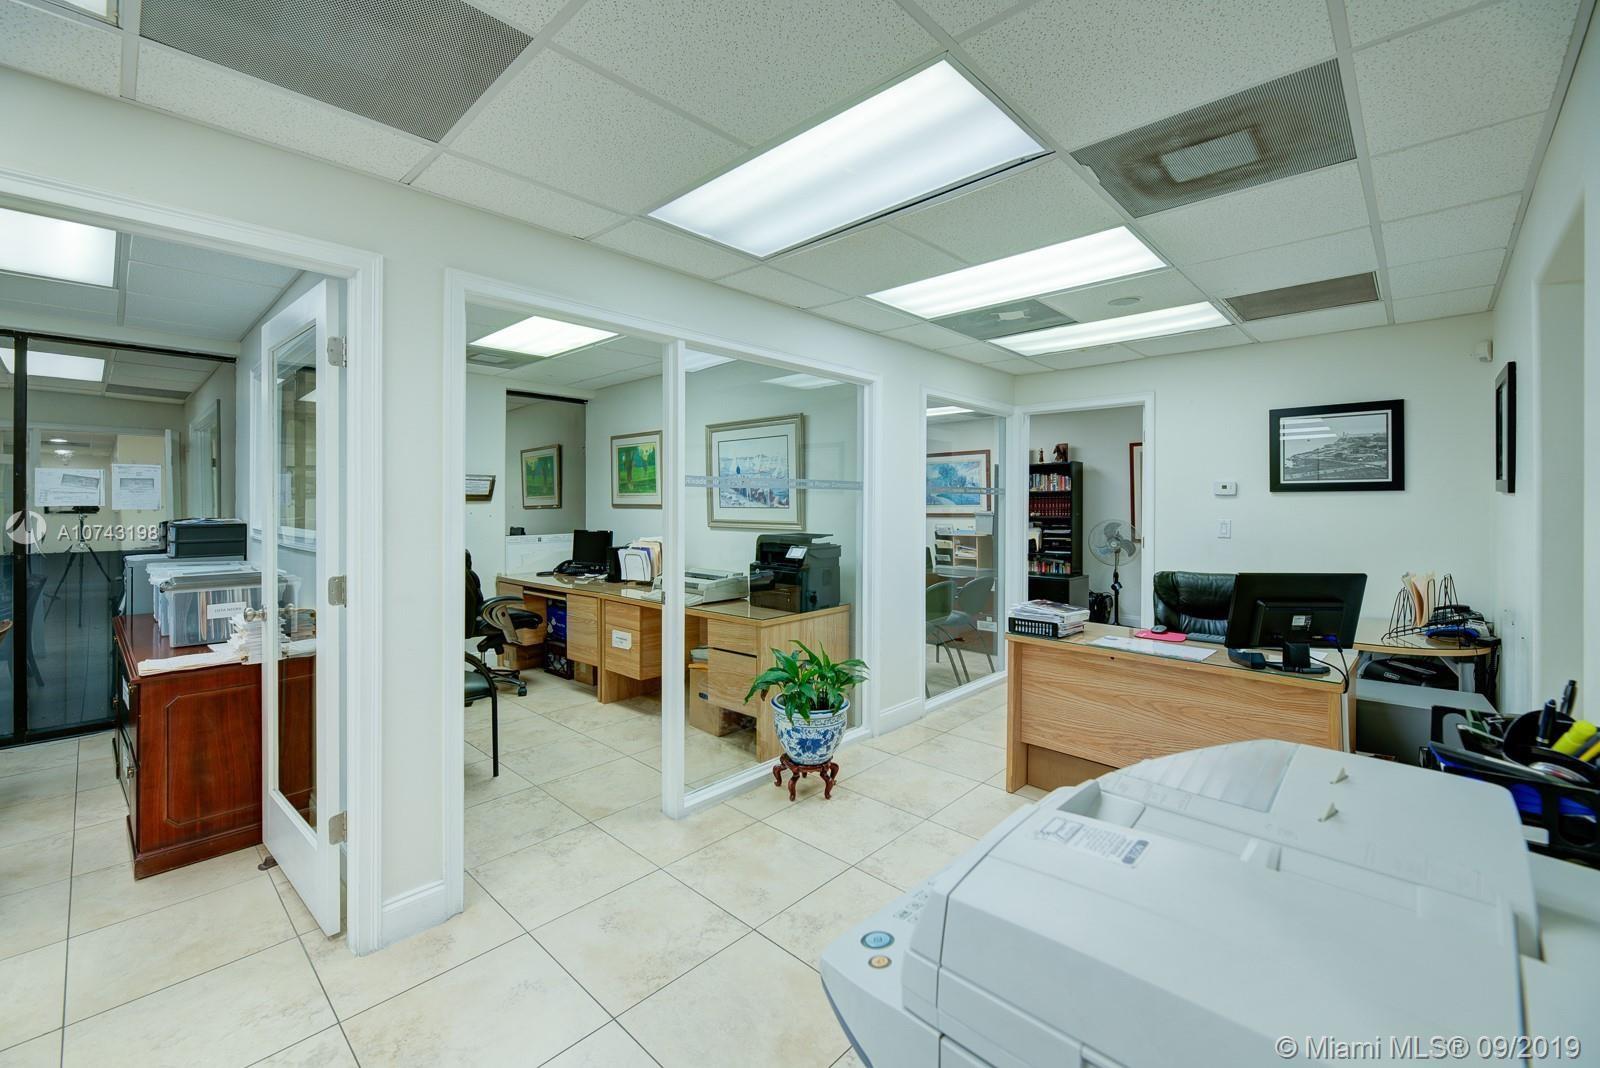 Accounting & Legal  Practice Multi Service, Miami, FL 33193